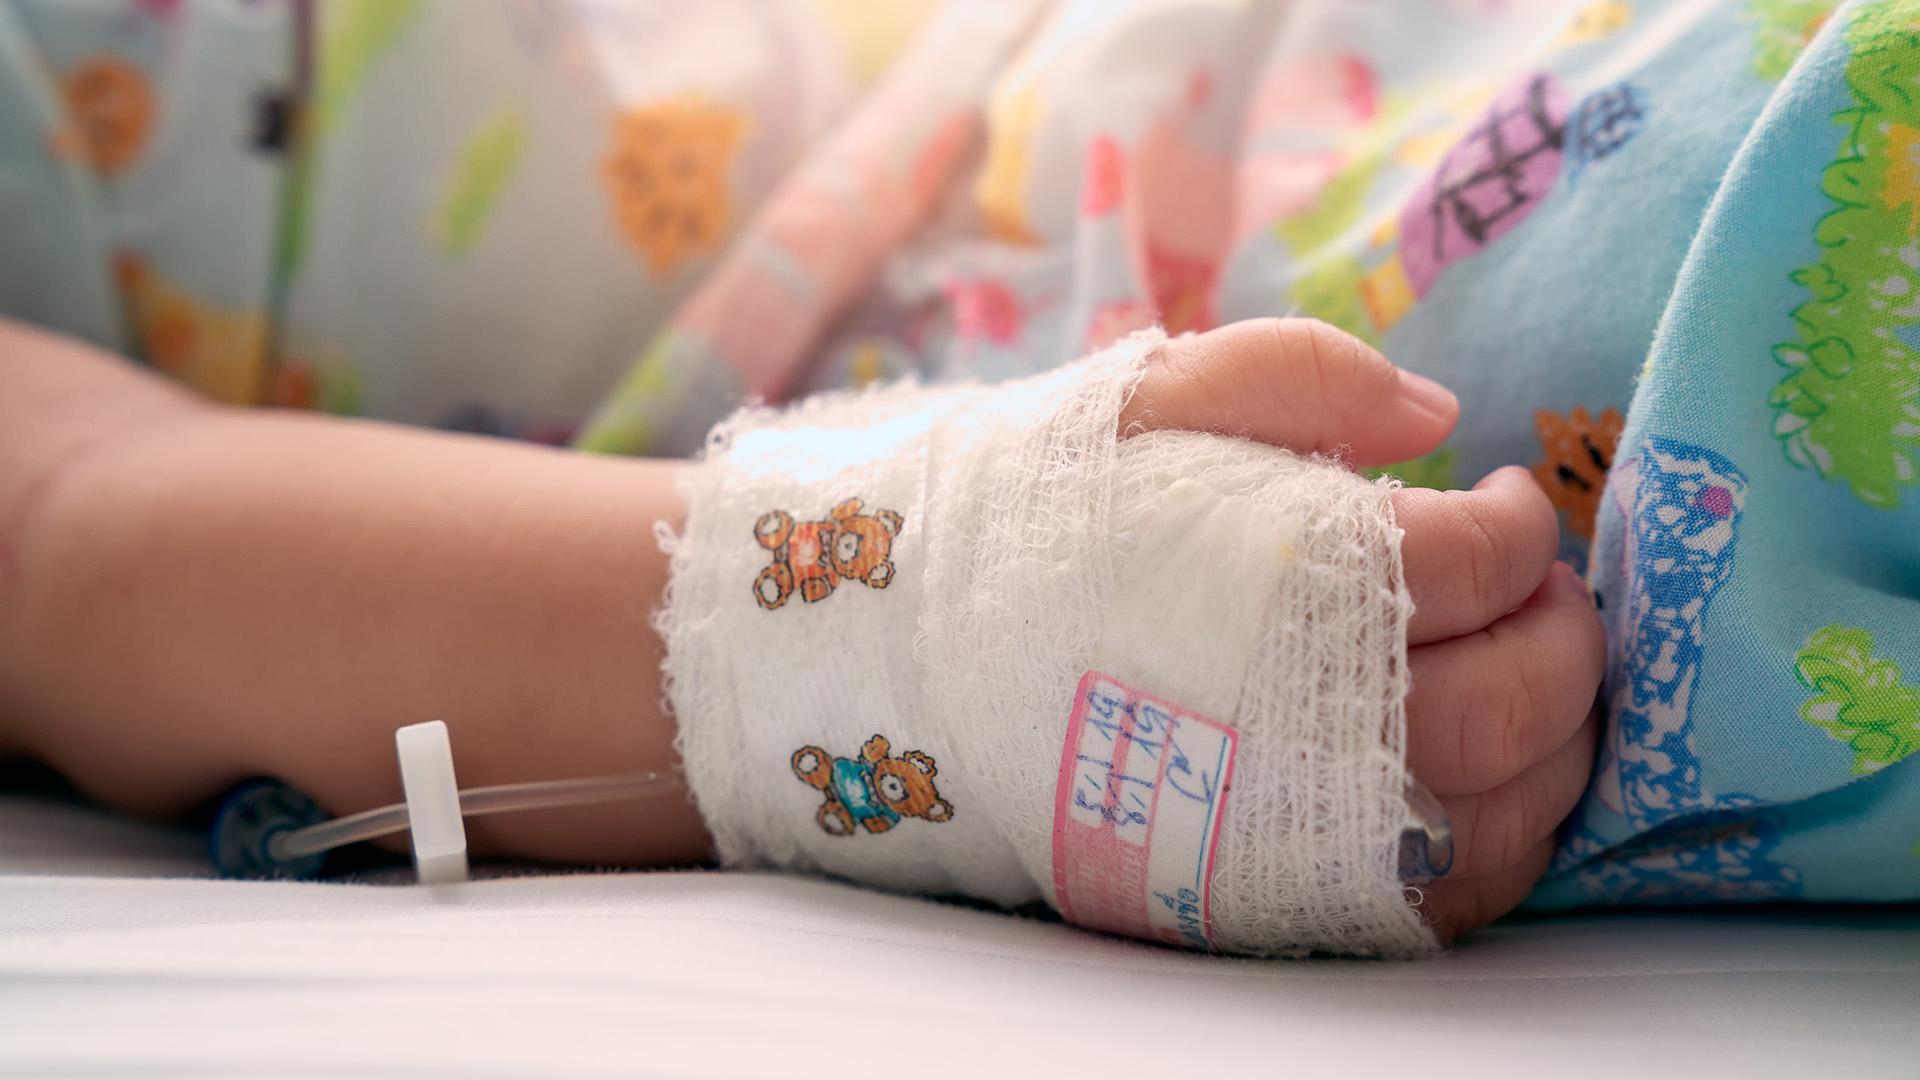 Csecsemő kórházban